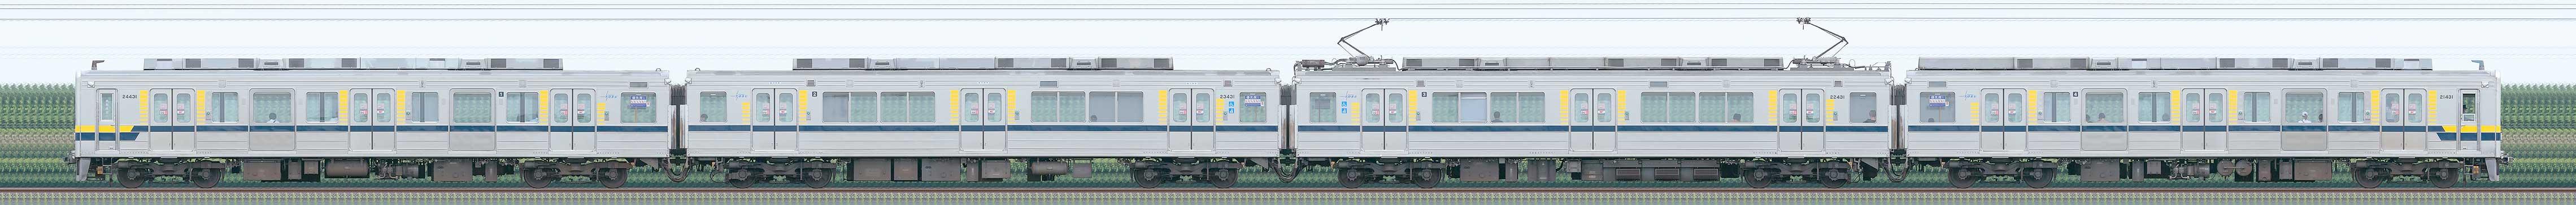 東武20400型21431編成(山側)の編成サイドビュー